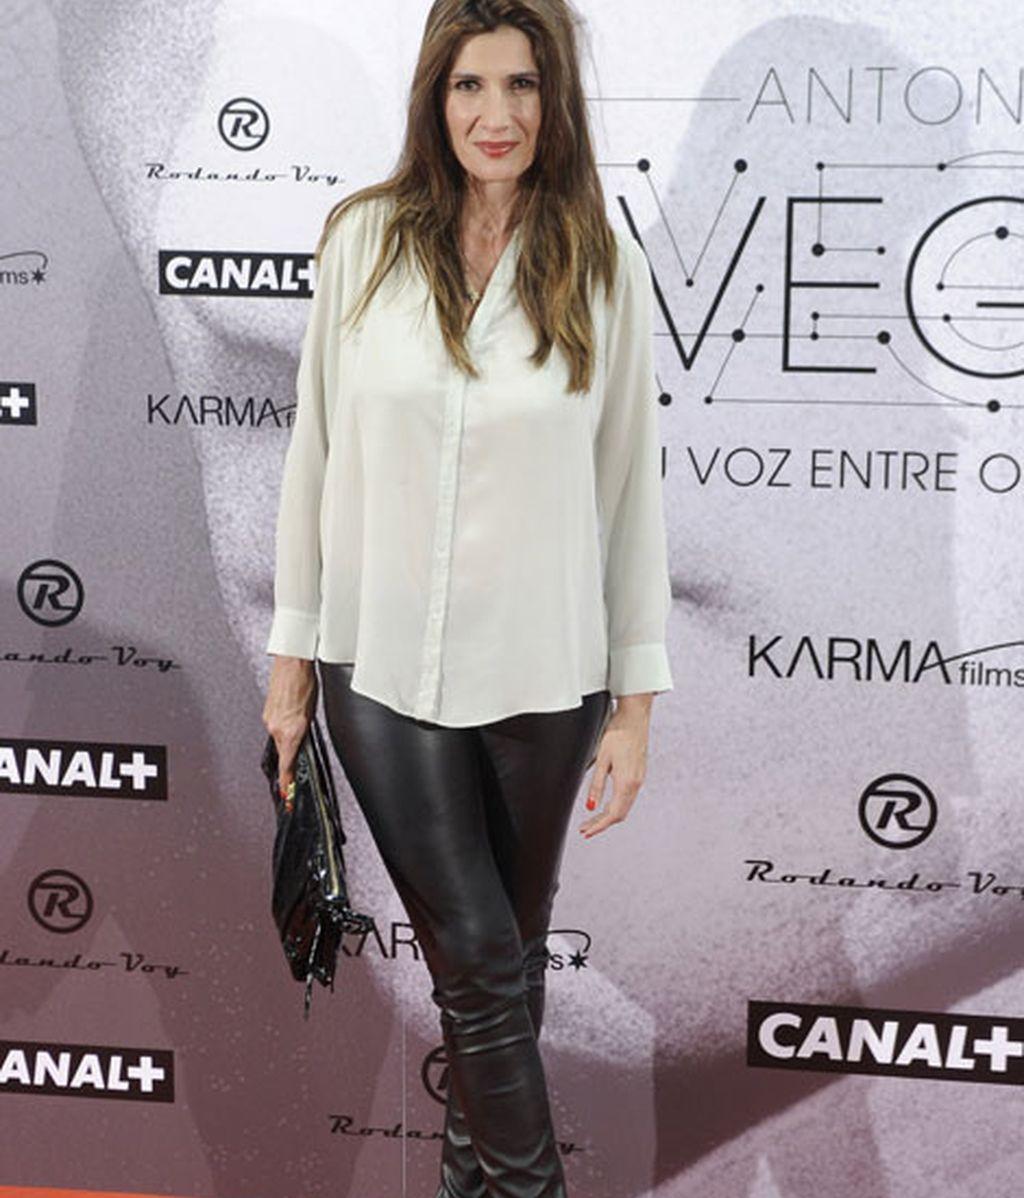 La actriz Elia Galera fue una de las asistentes a la premiere del documental